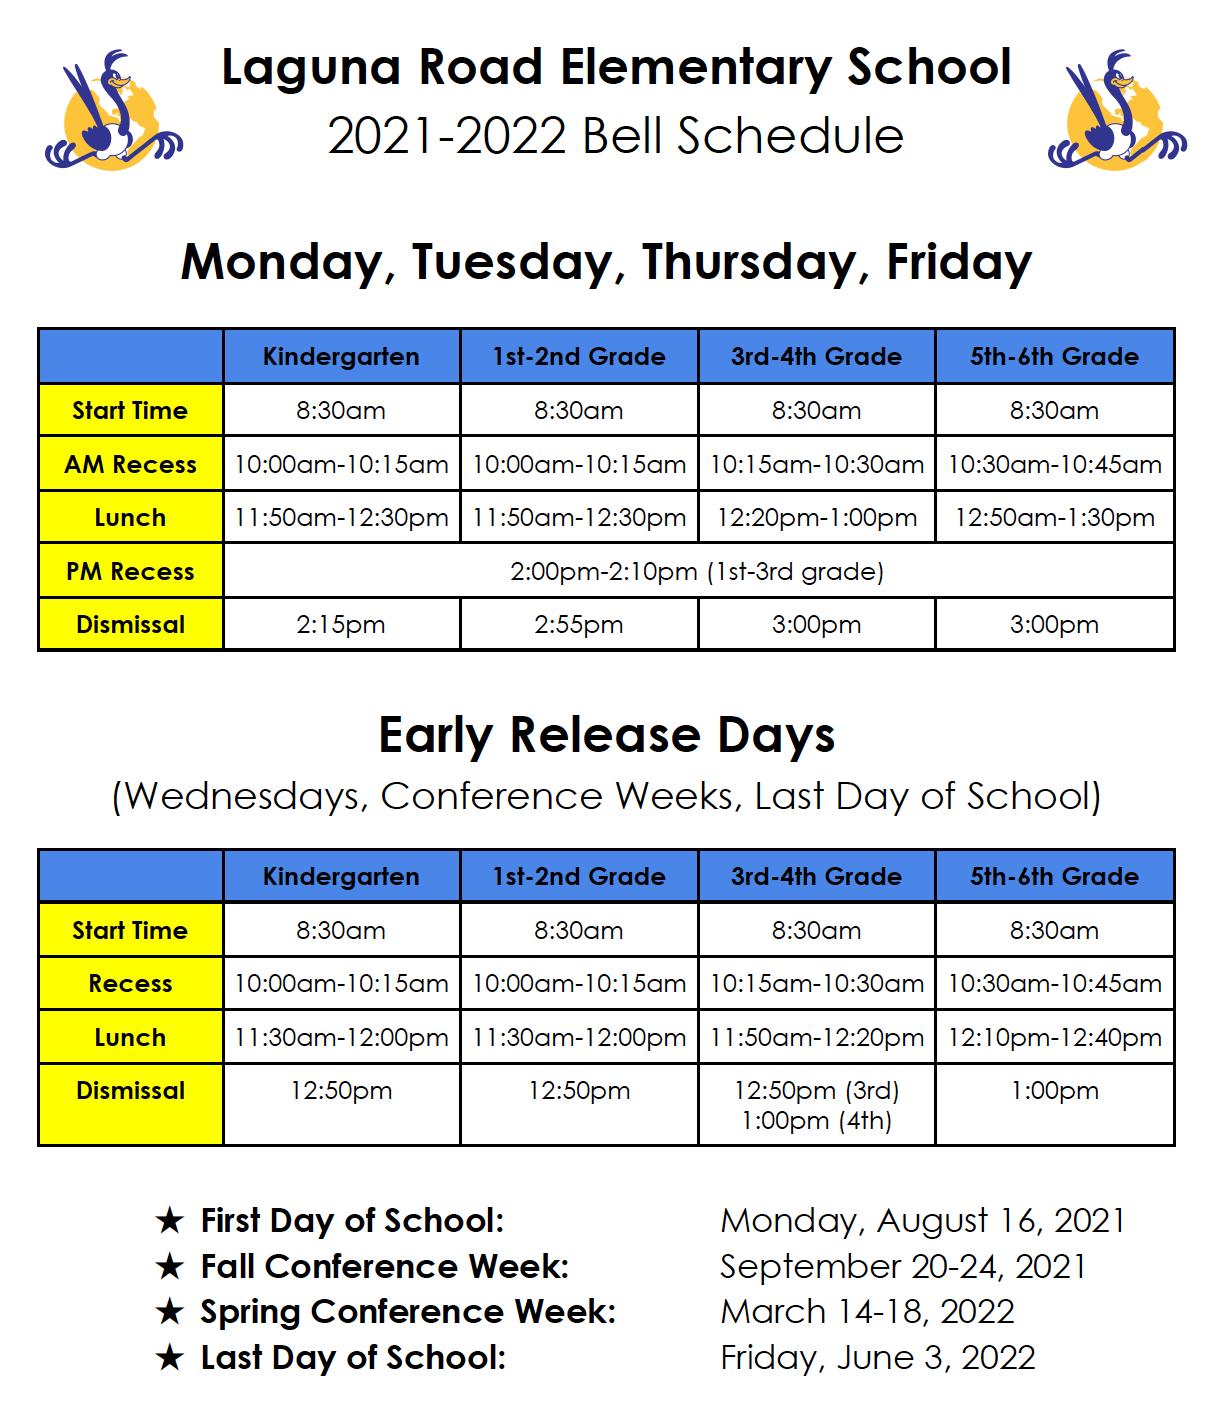 LR Bell Schedule 2021-2022